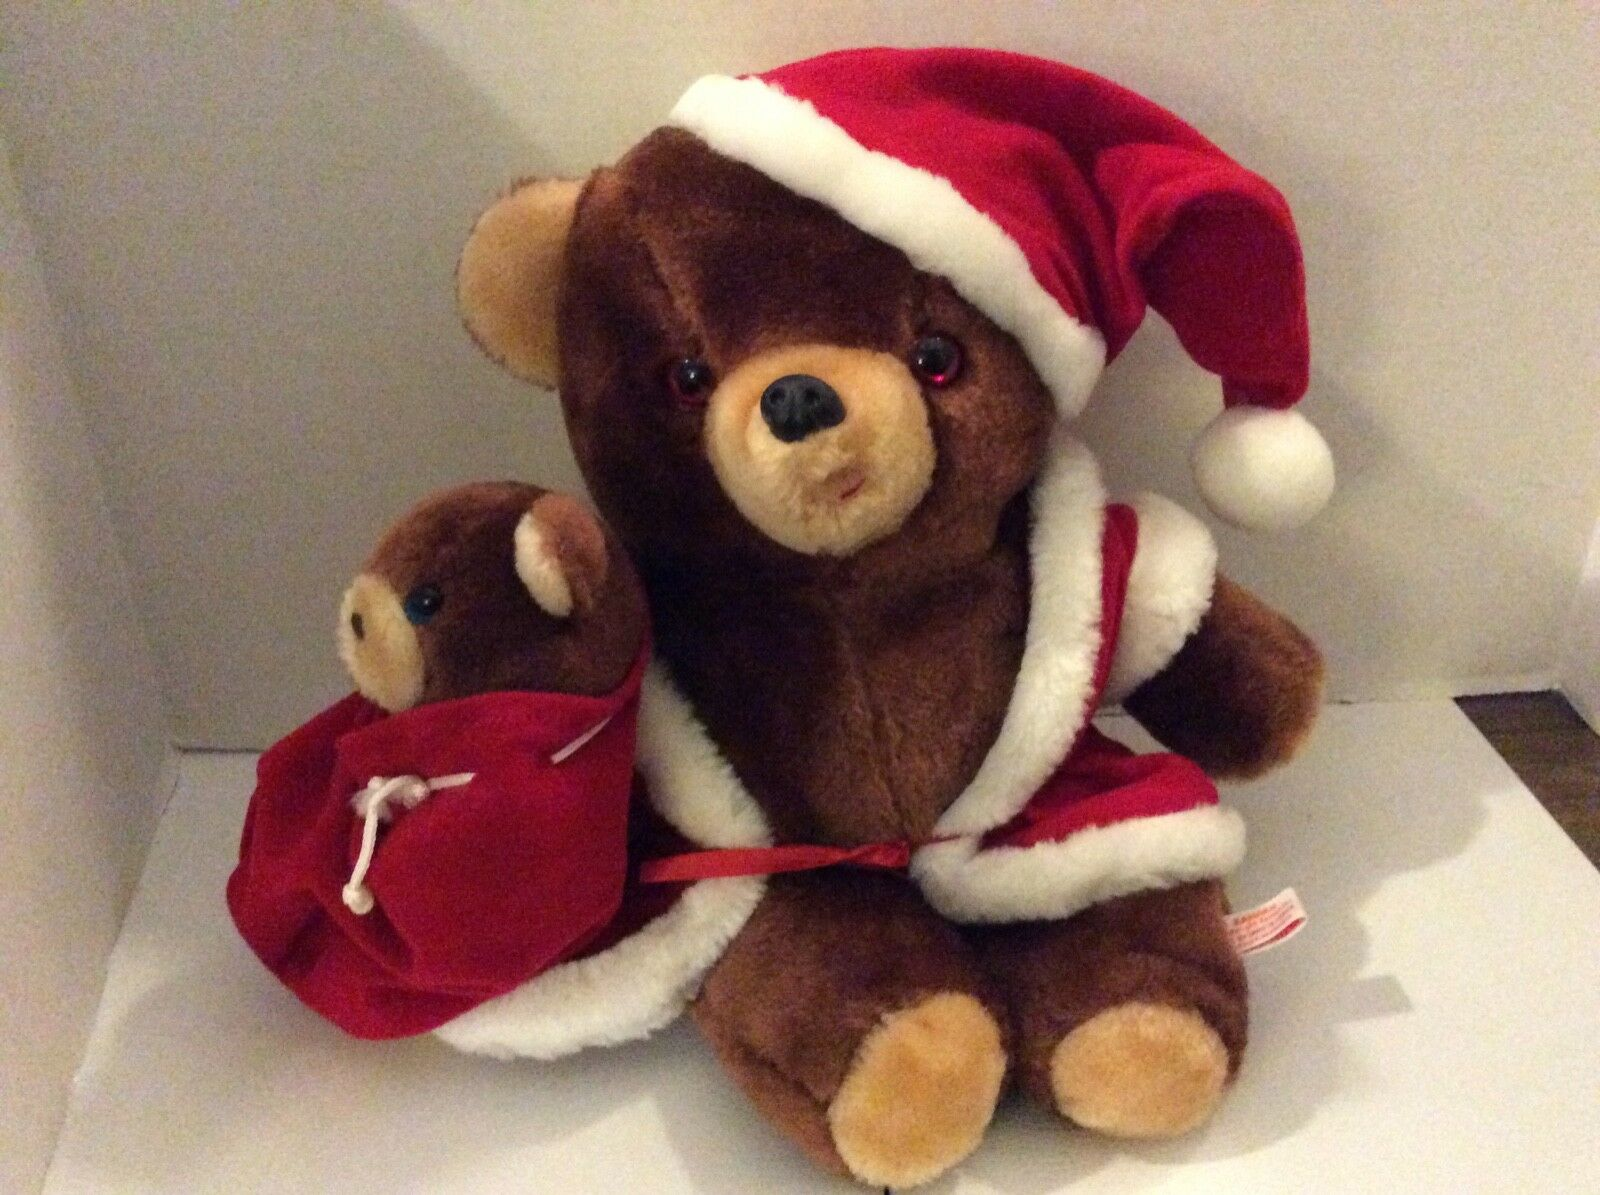 VINTAGE KAMAR HAND MADE IN KOREA STUFFED PLUSH CHRISTMAS CHRISTMAS CHRISTMAS BEAR e40